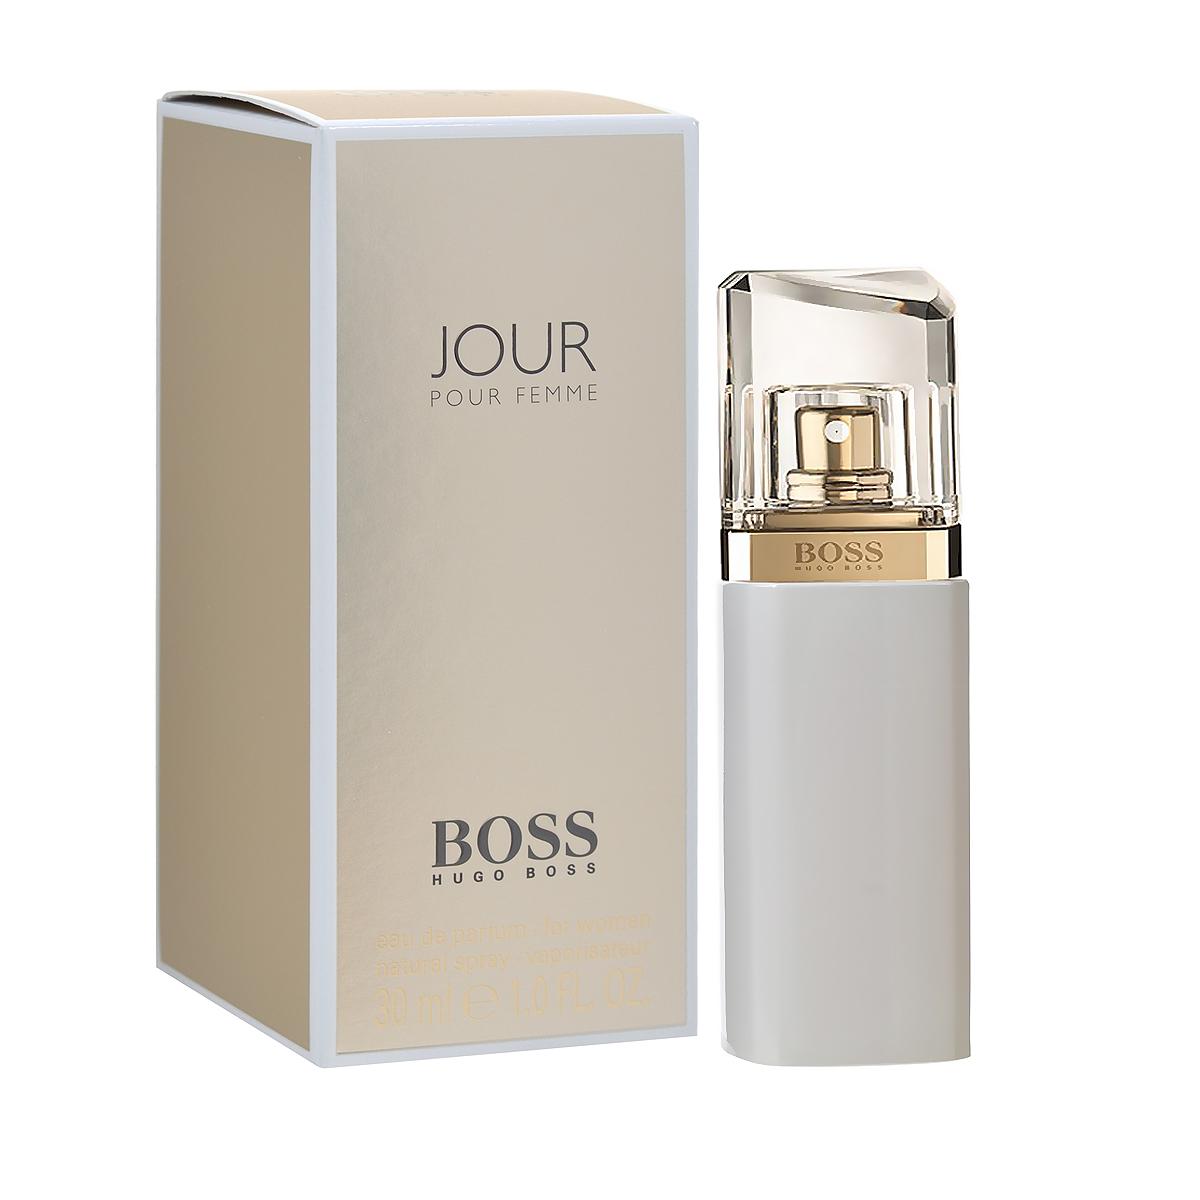 Hugo Boss Парфюмерная вода Jour Pour Femme, женская, 30 мл0737052684390Hugo Boss Boss Jour Pour Femme принадлежит семействам цветочных ароматов и характеризуется разносторонним умеренным звучанием. Букет парфюмерной композиции строится вокруг насыщенных аккордов белых цветов, которые дополняются выразительными акцентами других различных цветочных нот, умеренными цитрусовыми ароматами, а также легкими кожаными аккордами и тонкими янтарными акцентами. Верхняя нота: Агатосма, Цветок грейпфрута, Лаймовый аккорд. Средняя нота: Жимолость, Ландыш, Фрезия. Шлейф: Сливочный янтарь, Белая береза, Фиалковый корень. Фрезия - главная героиня аромата. Создаёт головокружительный вихрь свежести нового утра. Дневной и вечерний аромат.Краткий гид по парфюмерии: виды, ноты, ароматы, советы по выбору. Статья OZON Гид